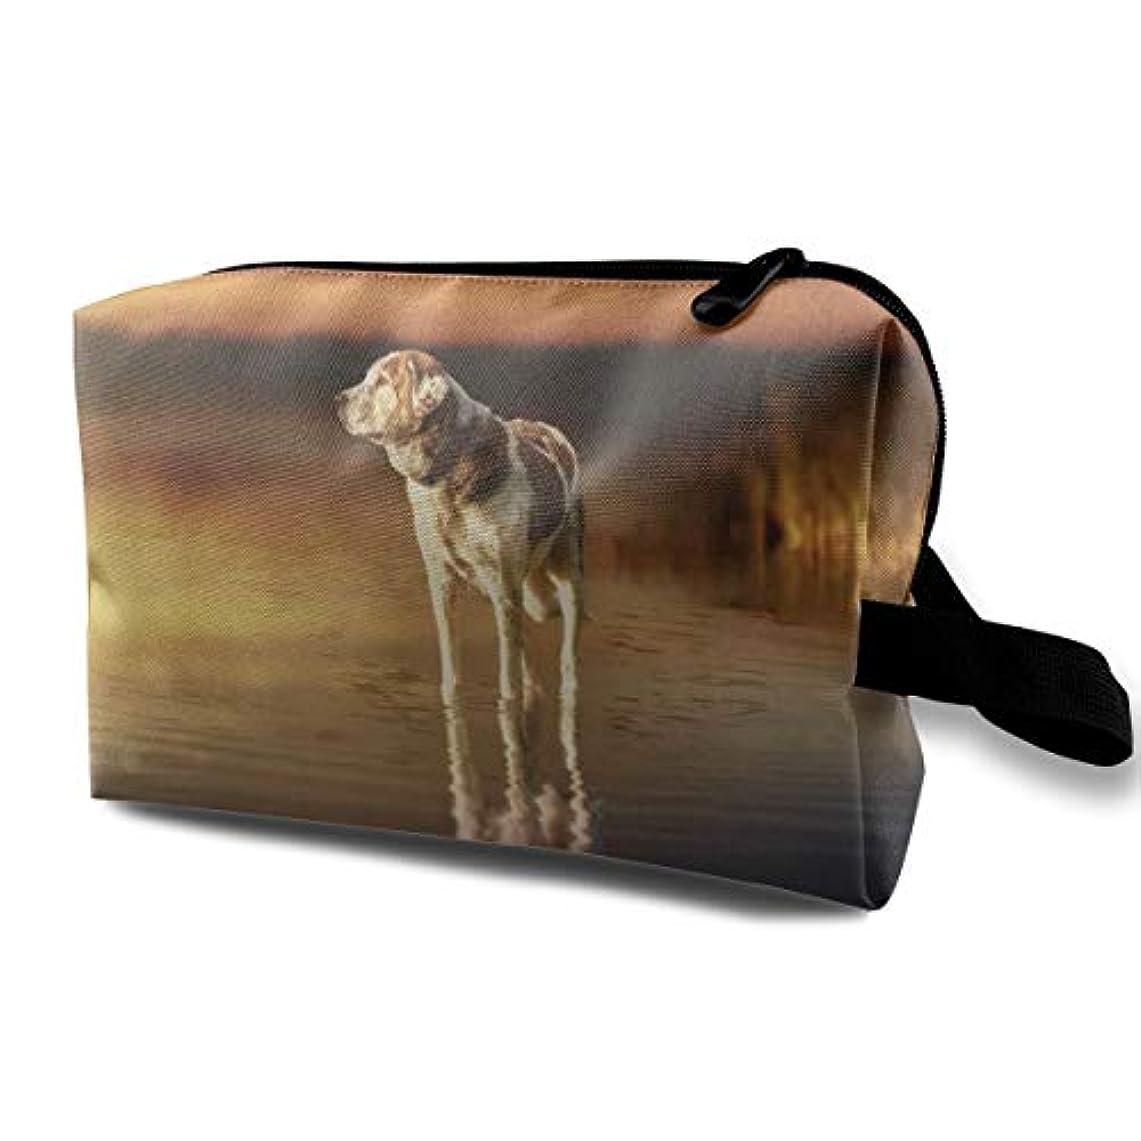 用語集アナリストラショナルMaxpowerful 夕暮れ時の湖の子犬 大旅行化粧品ポーチバッグ化粧バッグ、収納袋ジッパー付きポータブル